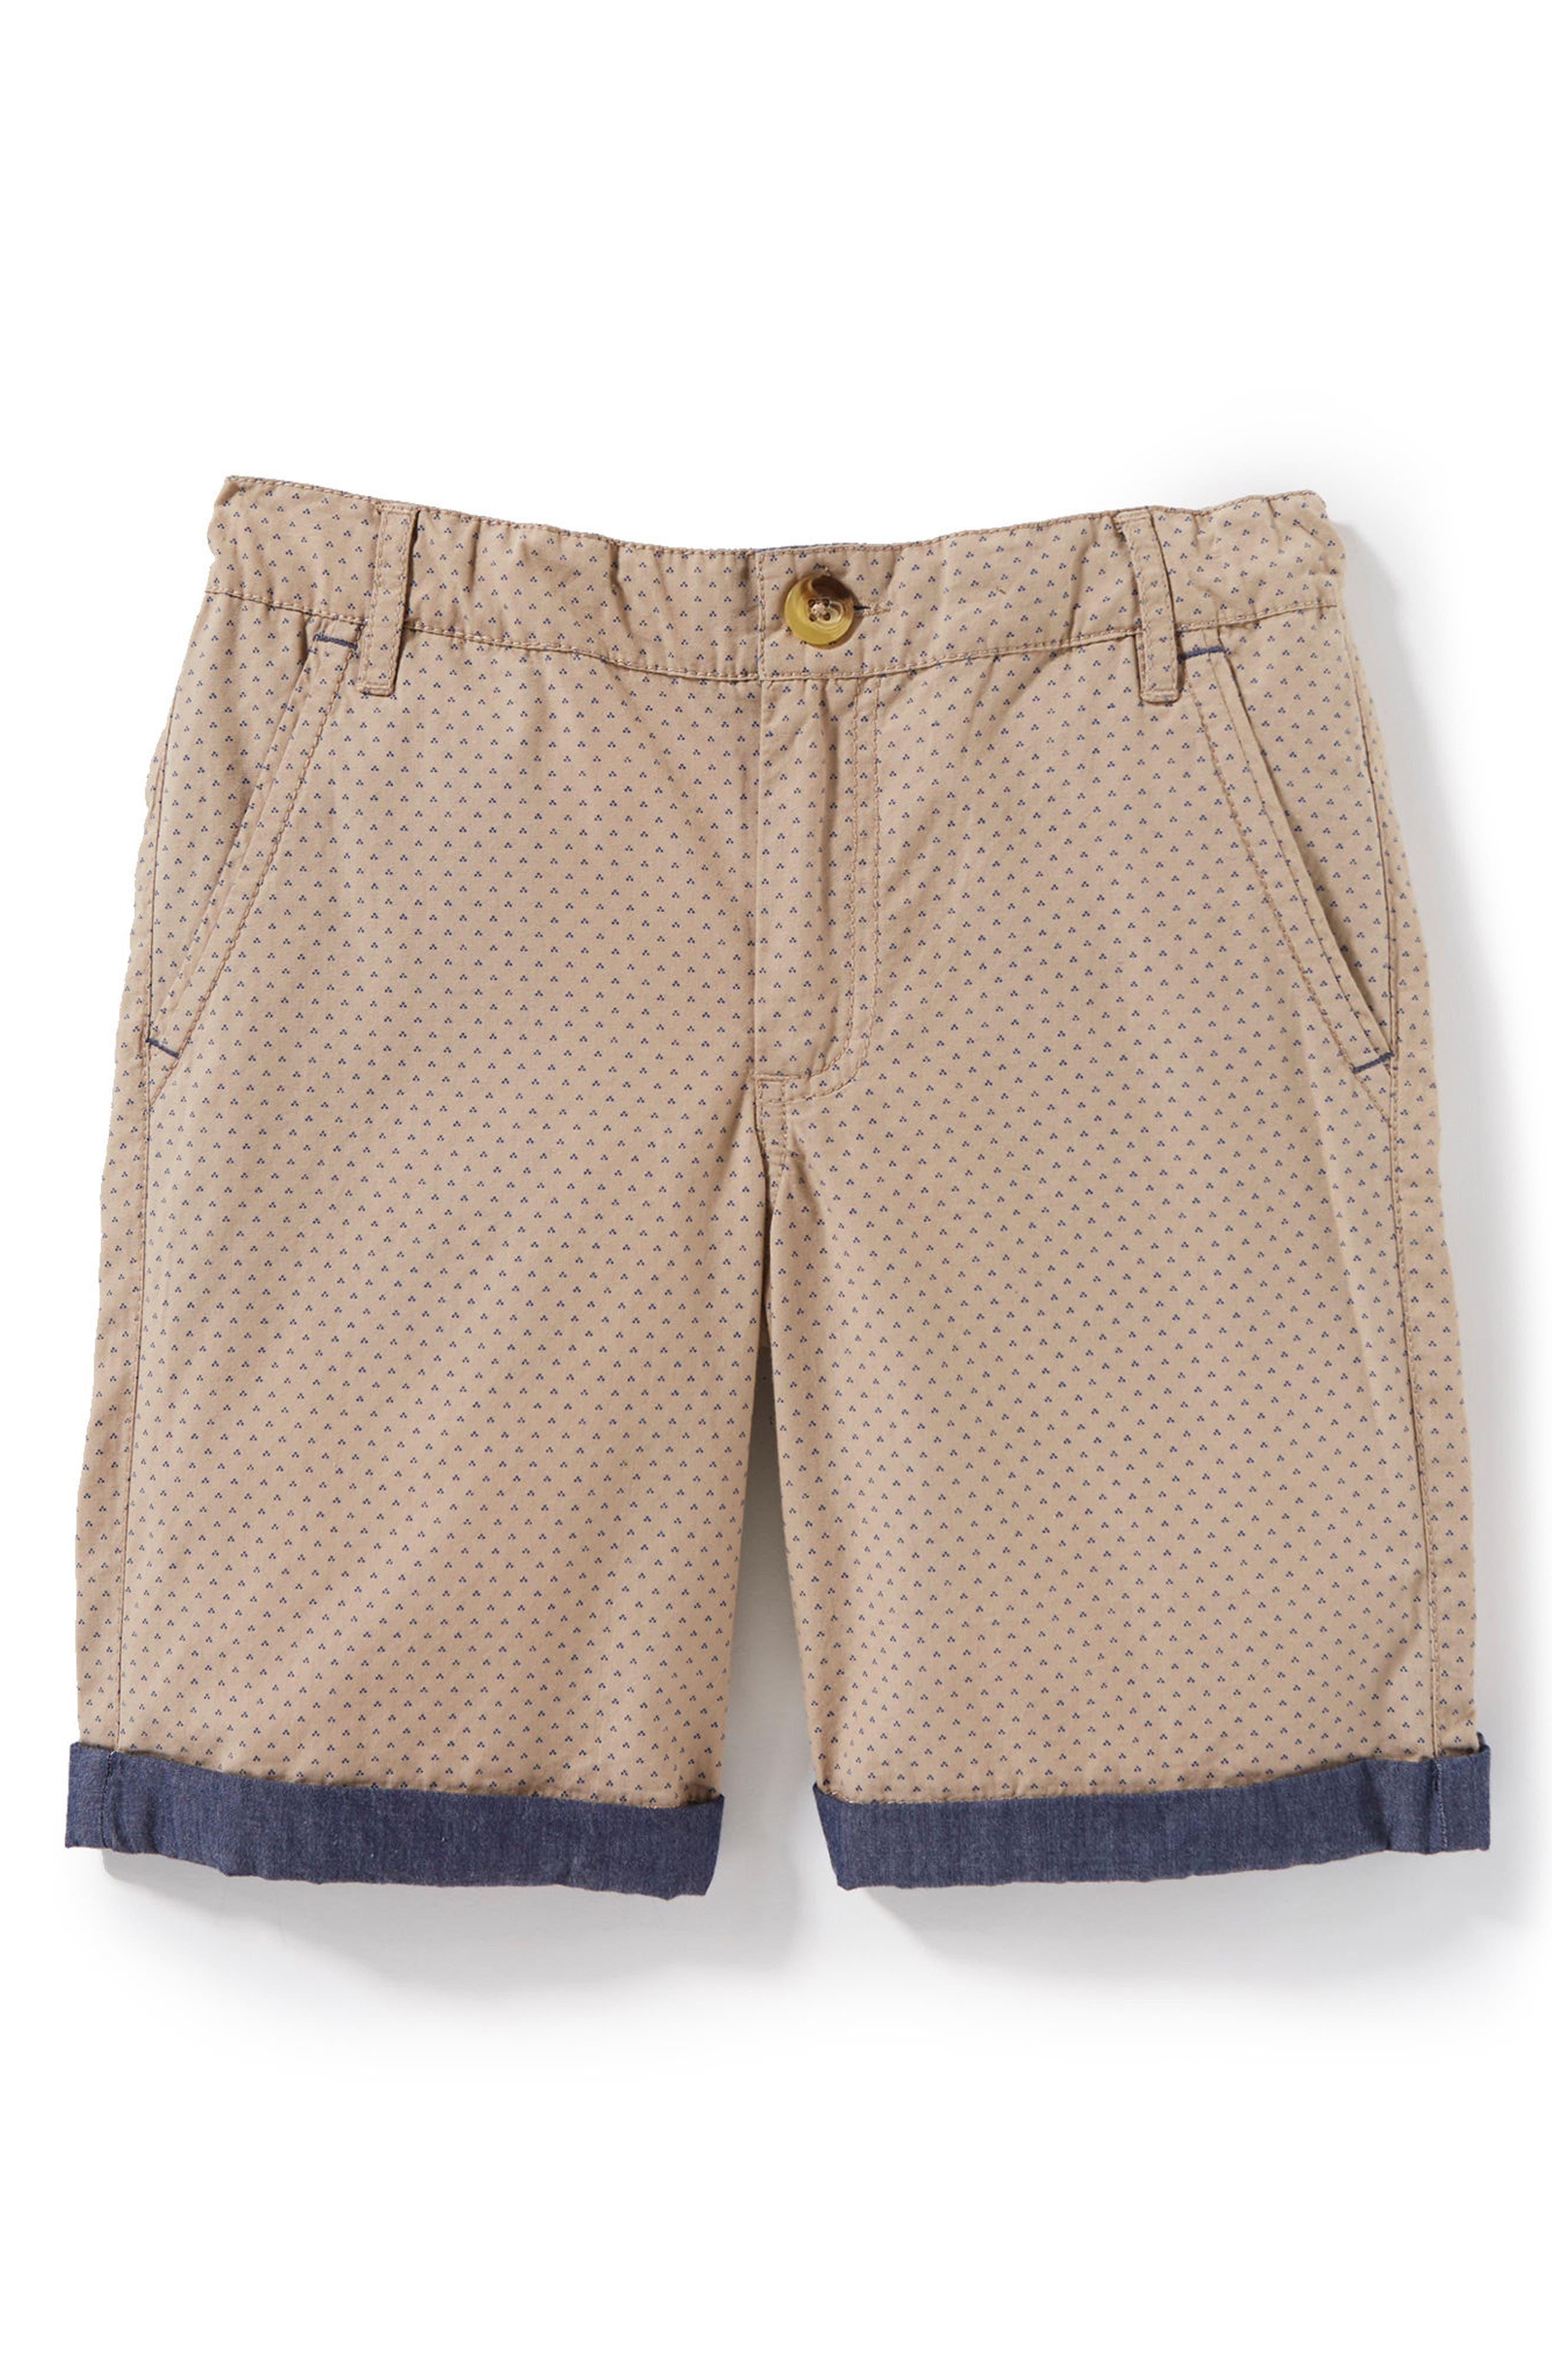 Peek Drew Shorts (Toddler Boys, Little Boys & Big Boys)